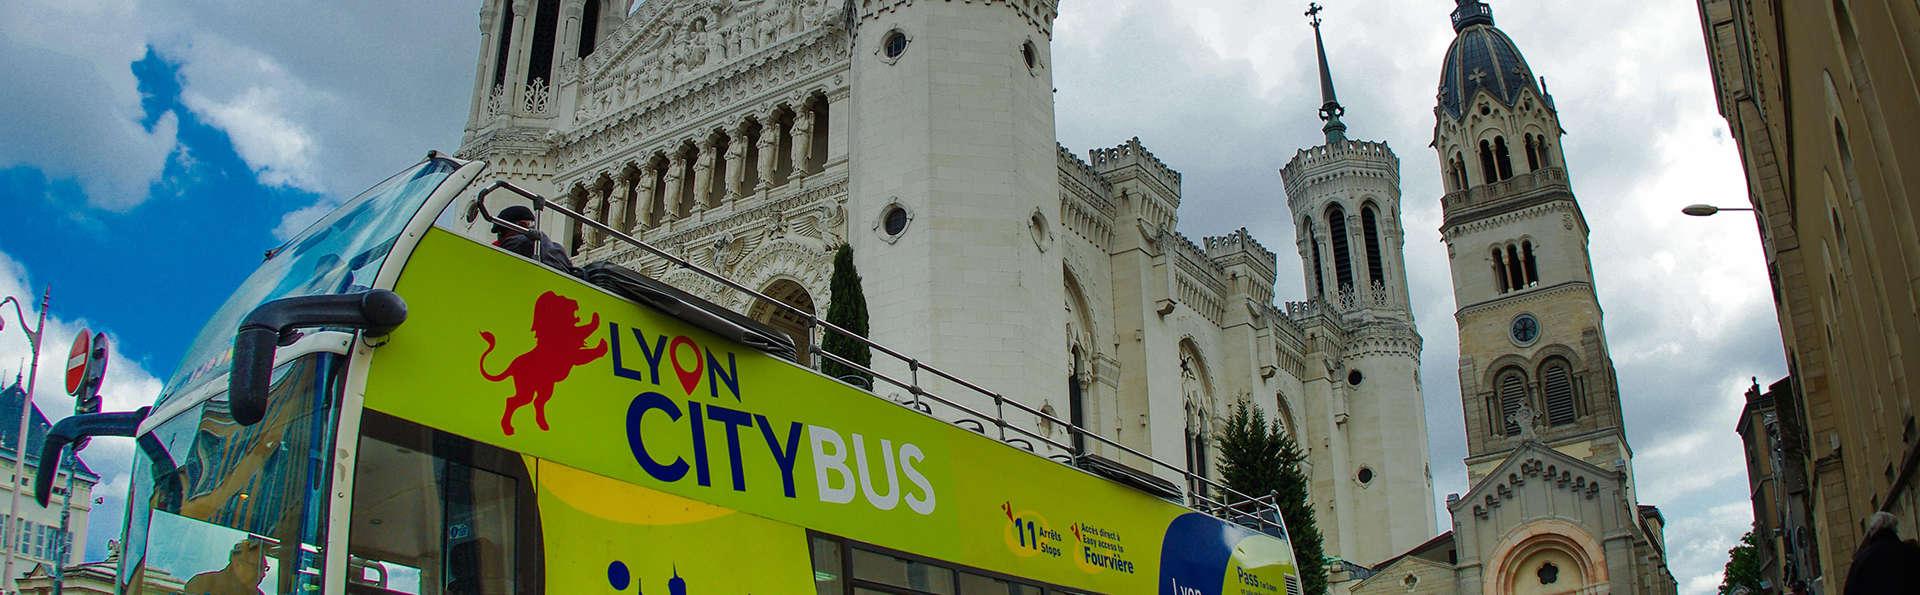 Week-end avec visite de la ville en bus, à deux pas de la place Bellecour à Lyon